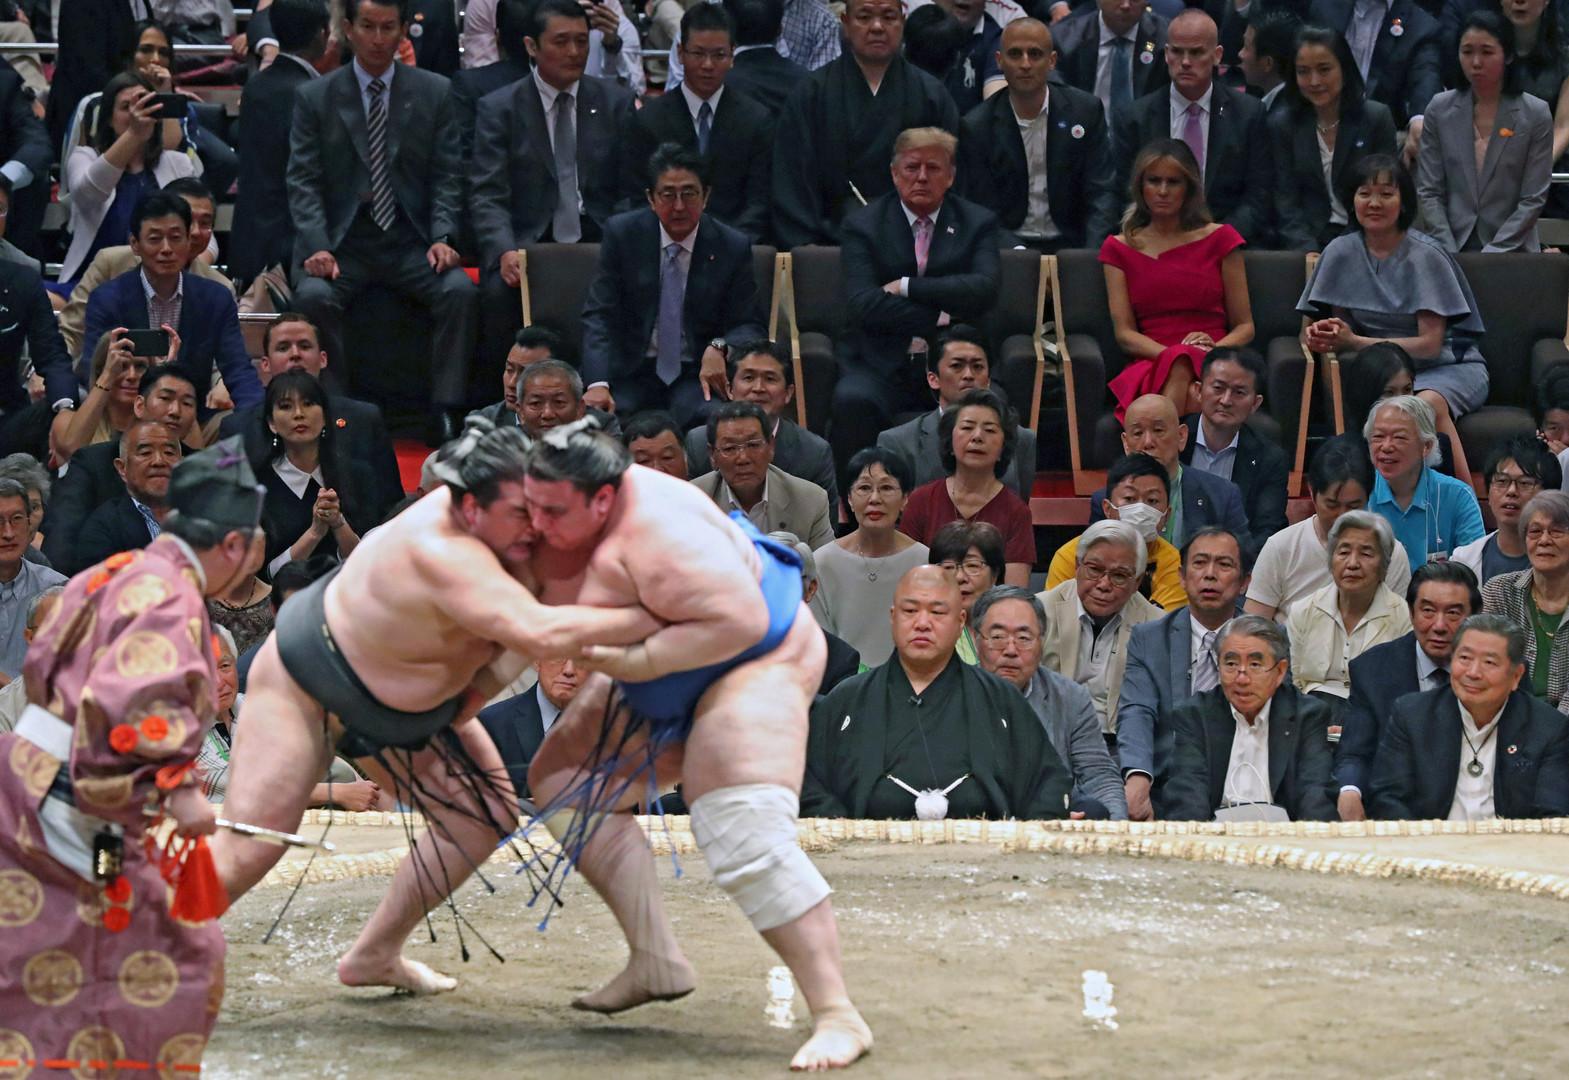 شاهد.. الرئيس الأمريكي ورئيس الوزراء الياباني في مصارعة السومو